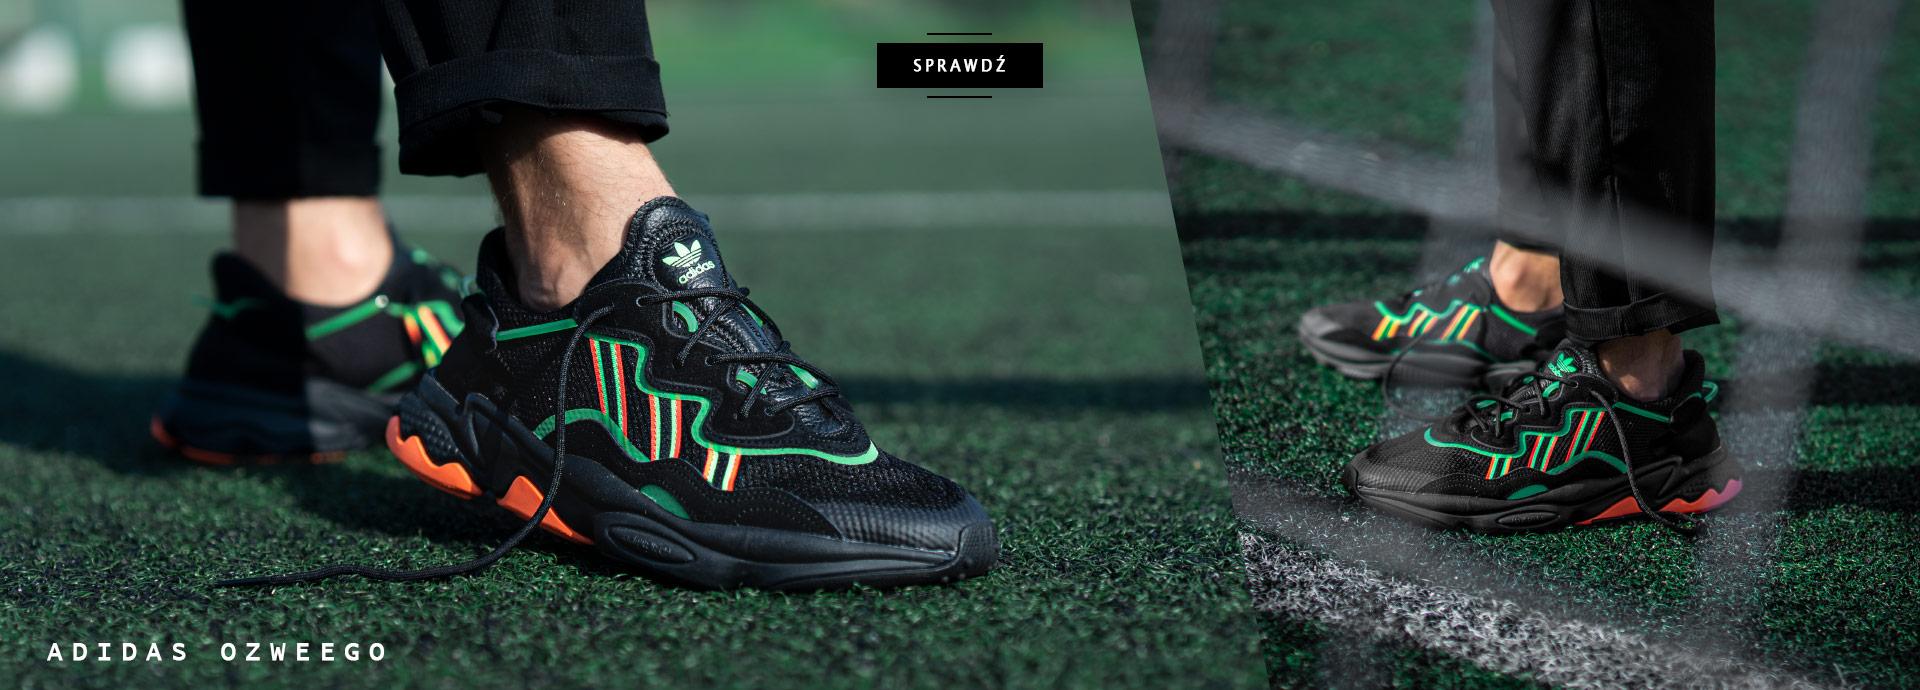 Sięgnij po idealne Sneakers'y i buty sportowe Sklep z